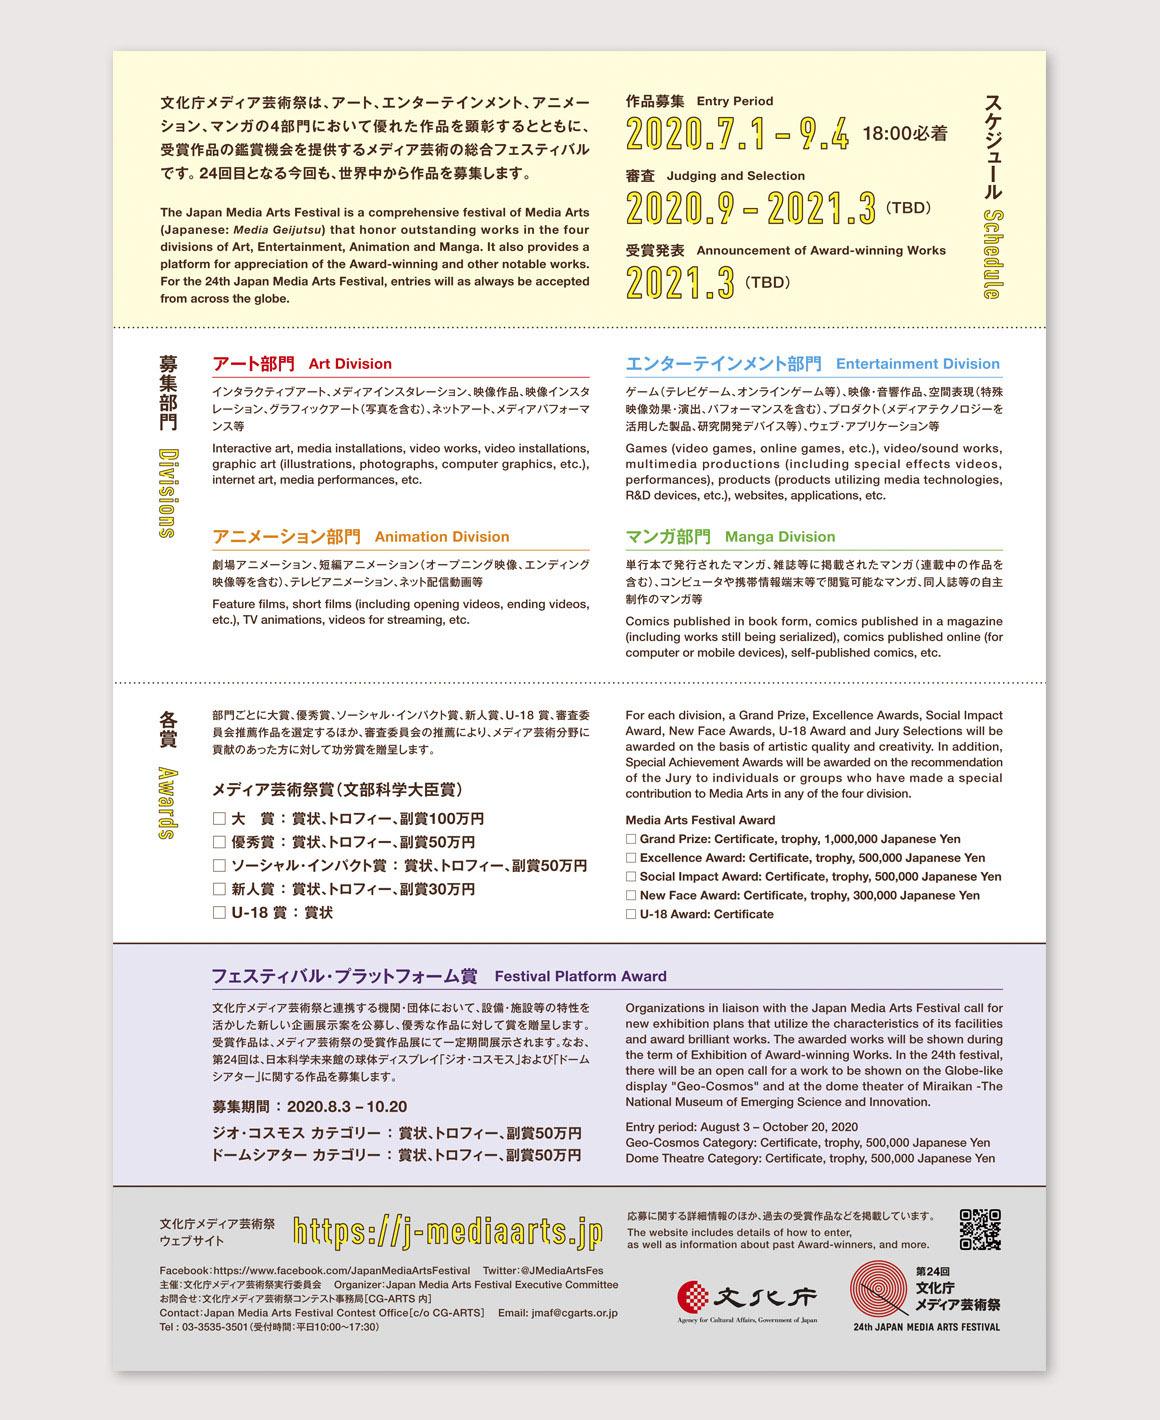 WORKS|第24回文化庁メディア芸術祭 作品募集_e0206124_14071487.jpg